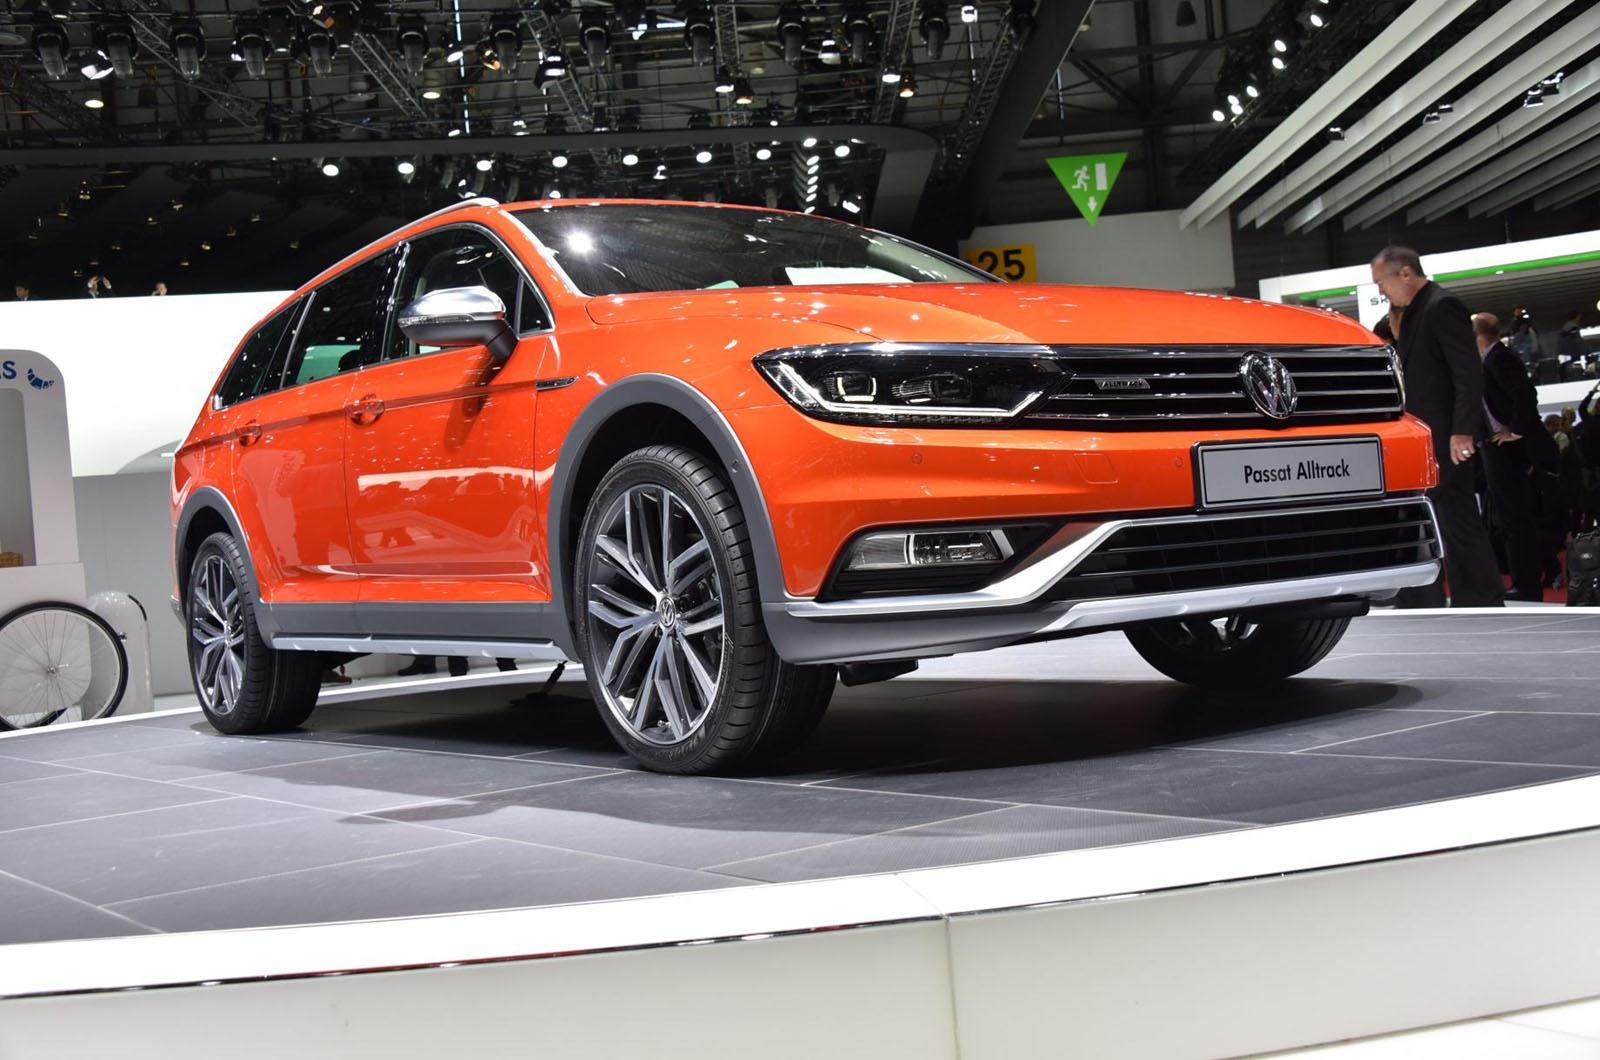 Volkswagen passat review 2017 autocar - Volkswagen Passat Review 2017 Autocar 34